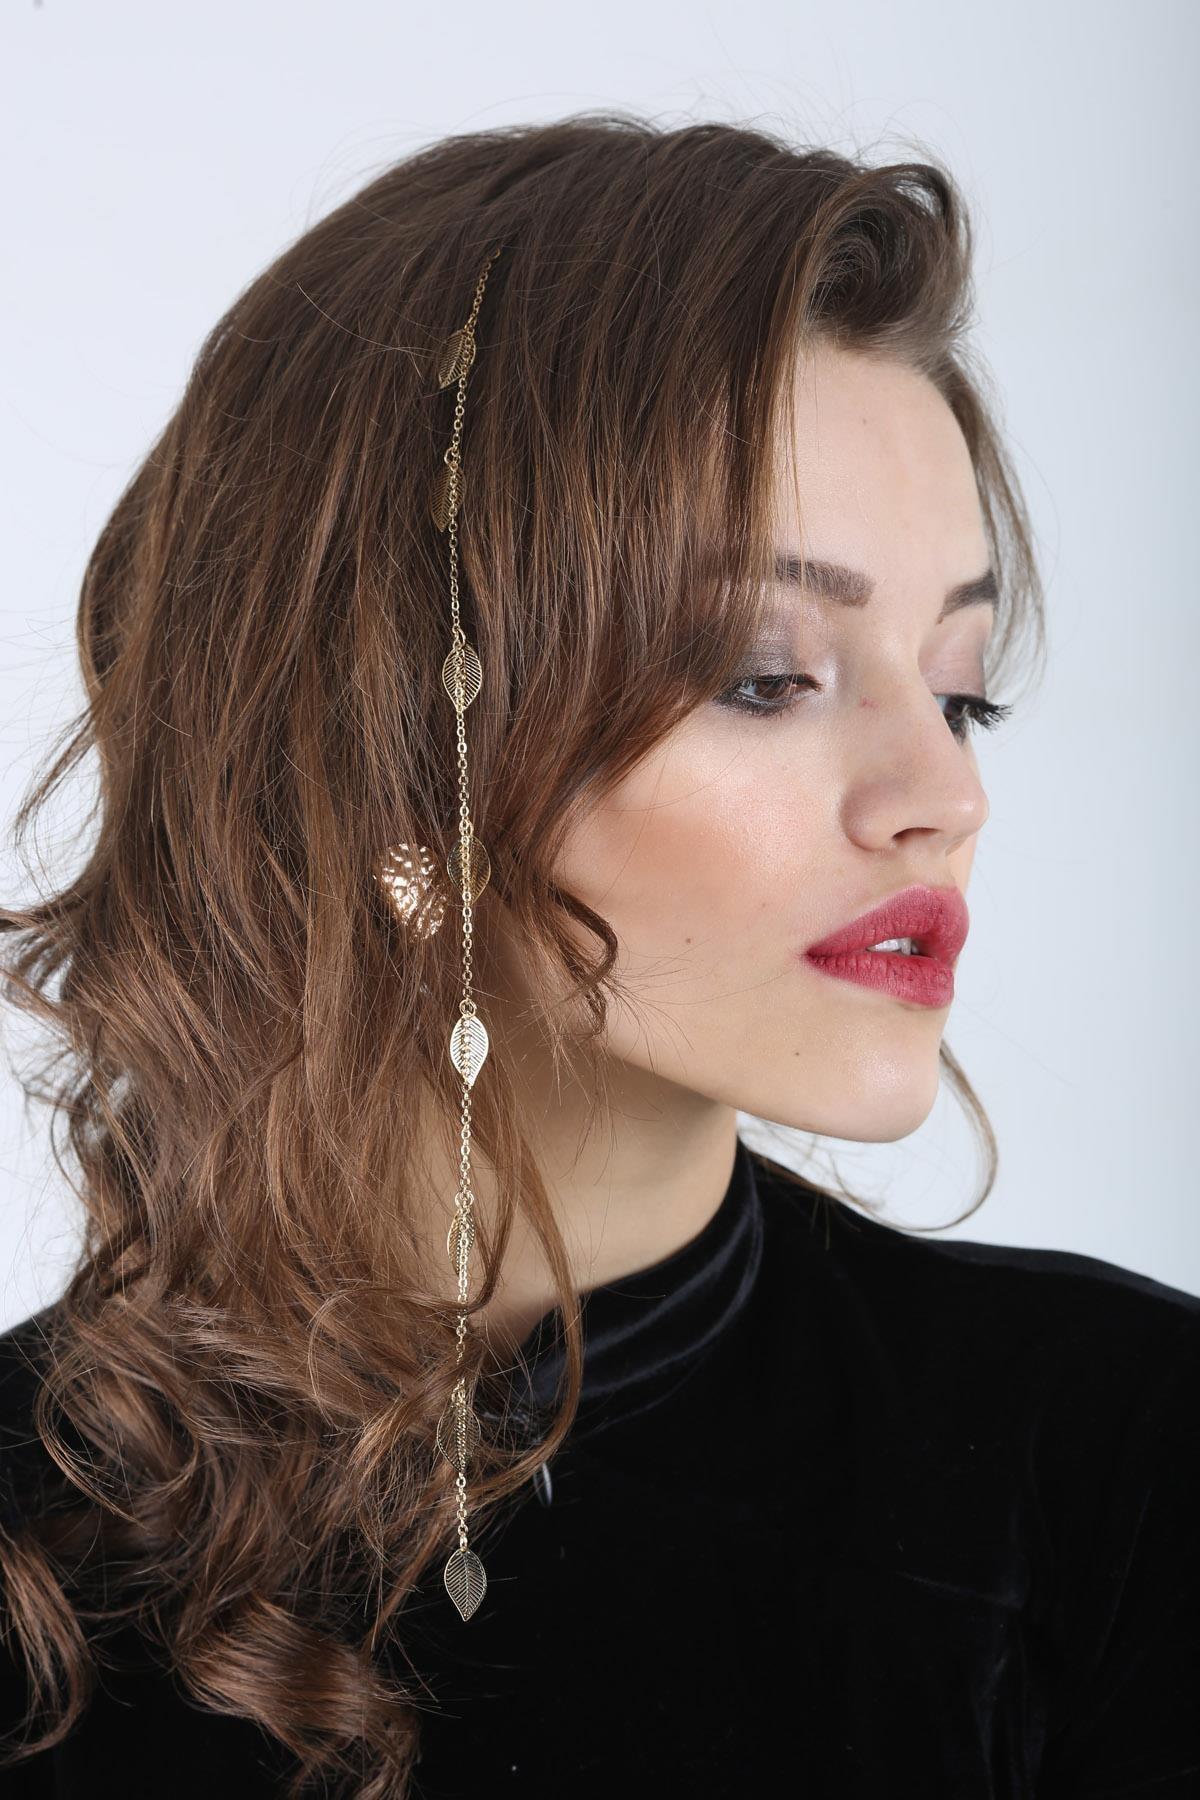 Kadın Altın Celeste Yapraklı Saç Zinciri